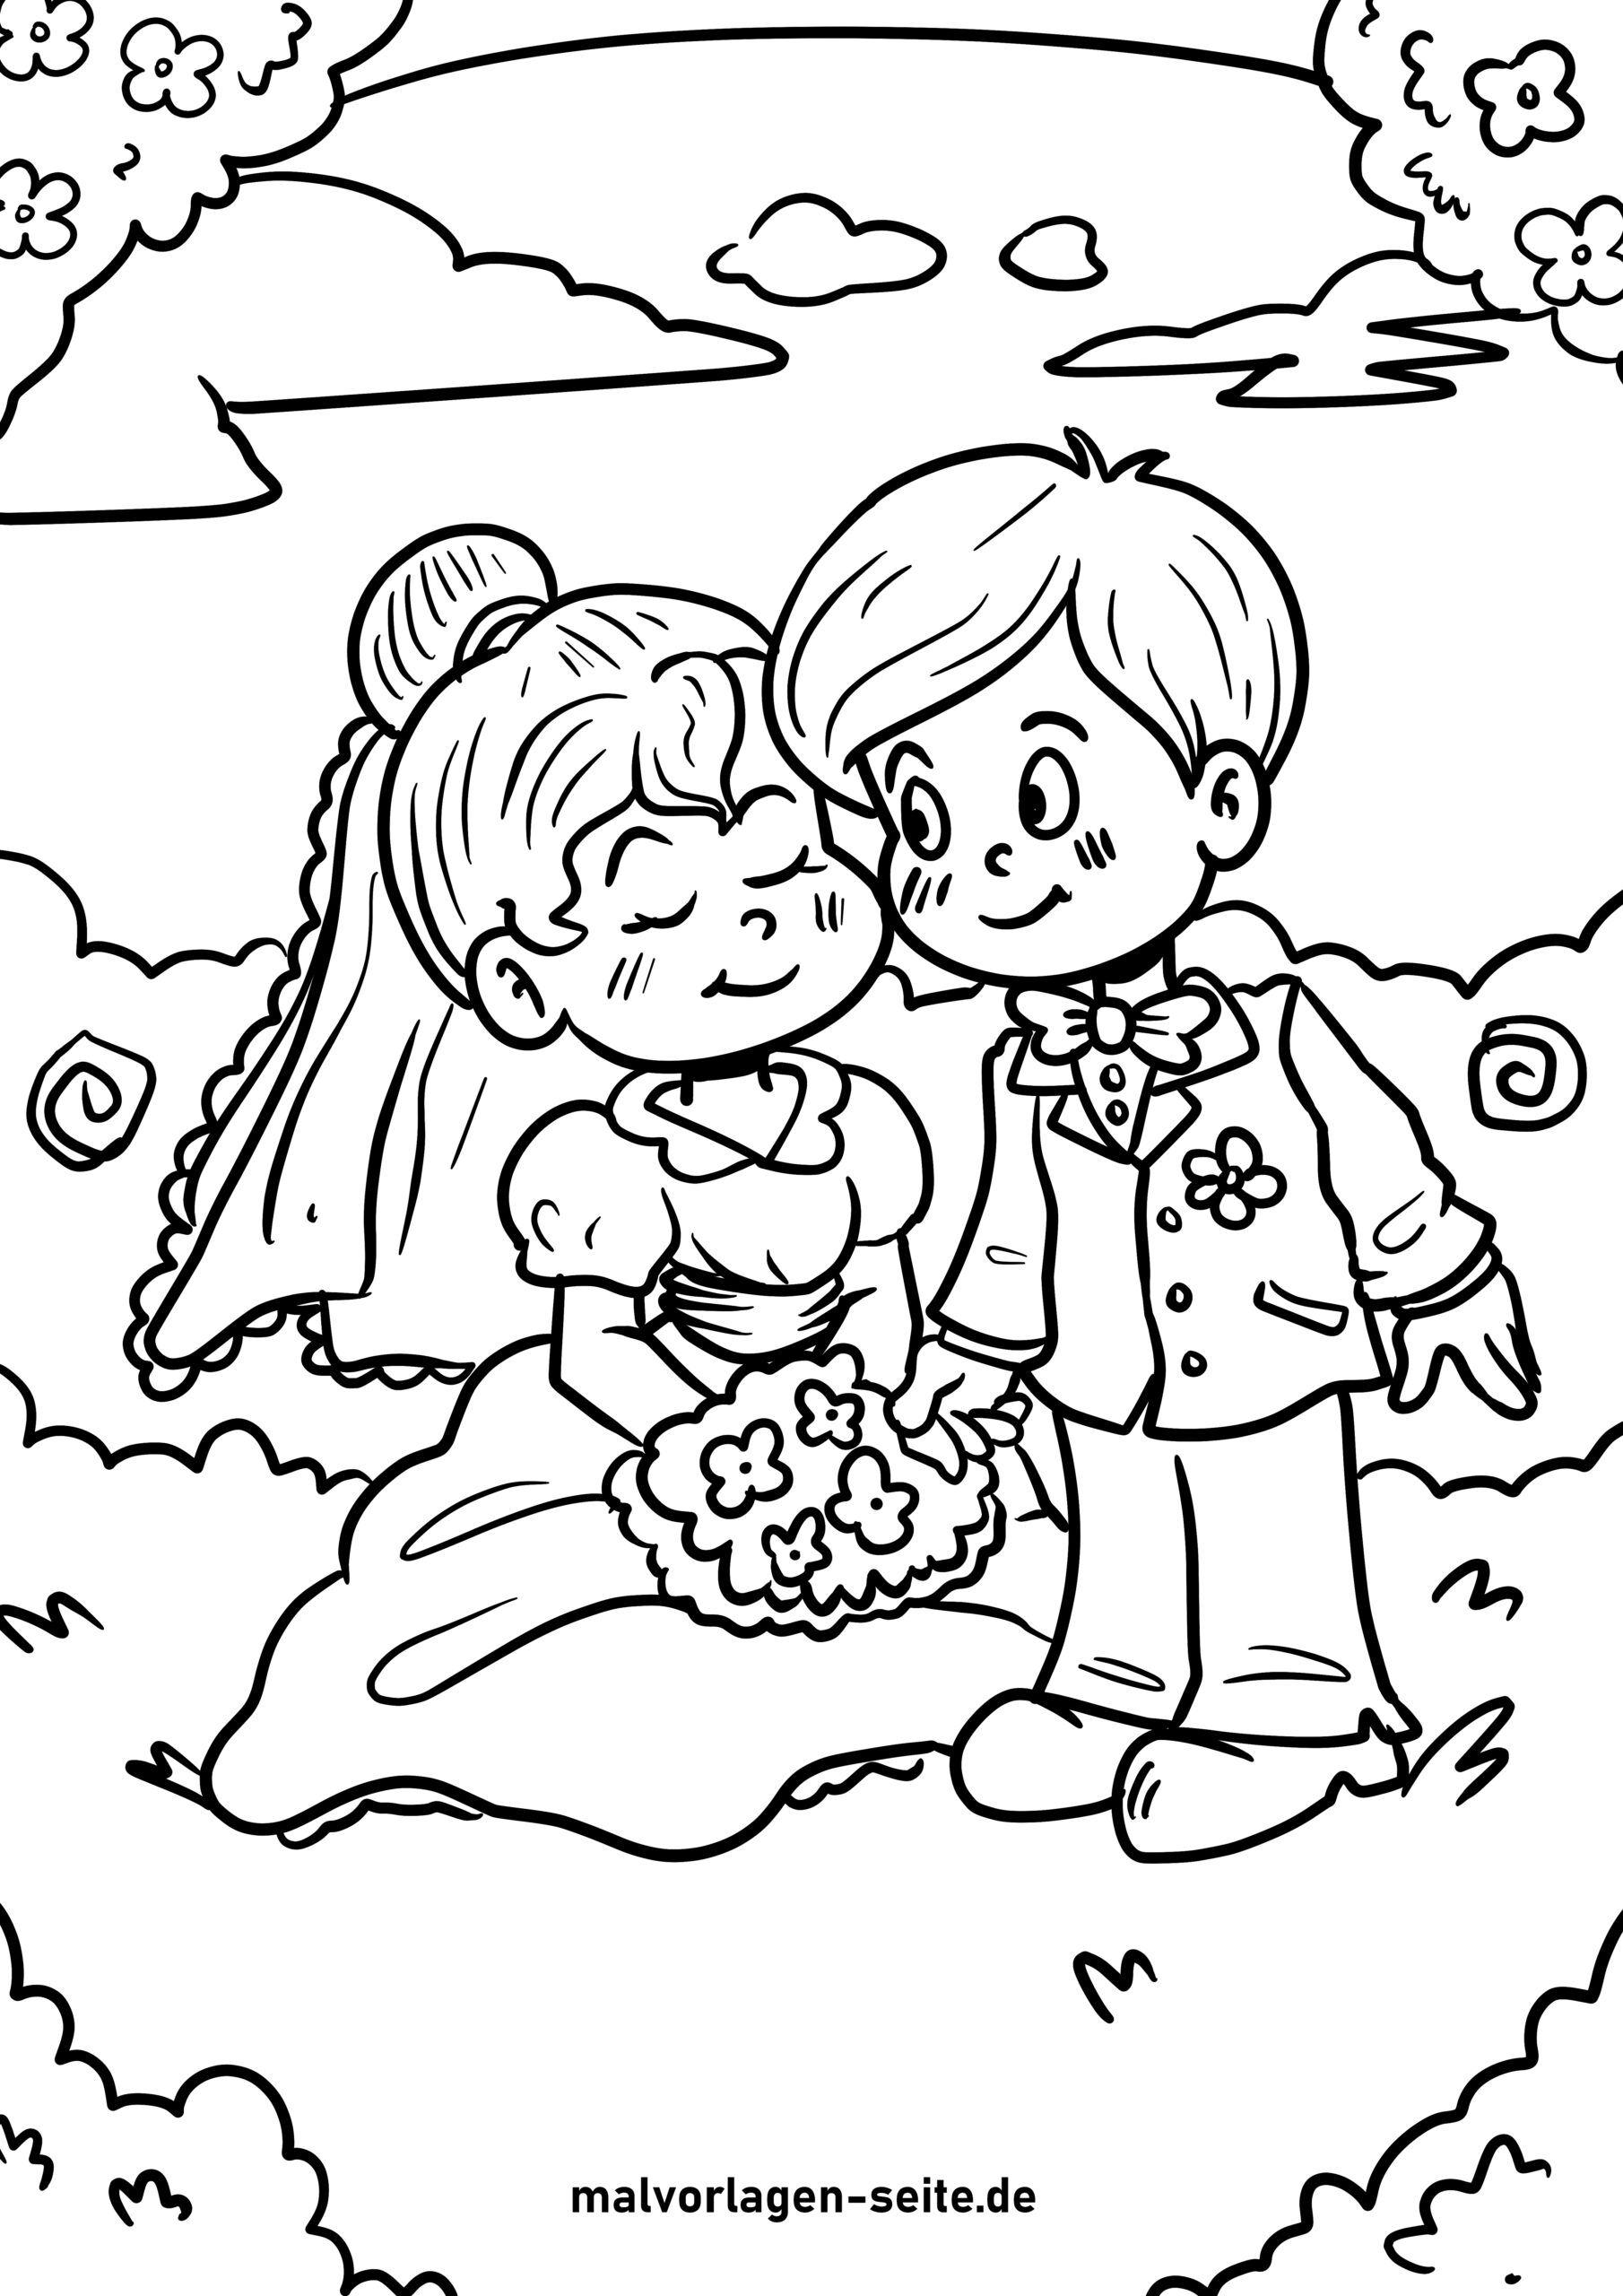 Tolle Malvorlage Hochzeit - Kostenlose Ausmalbilder